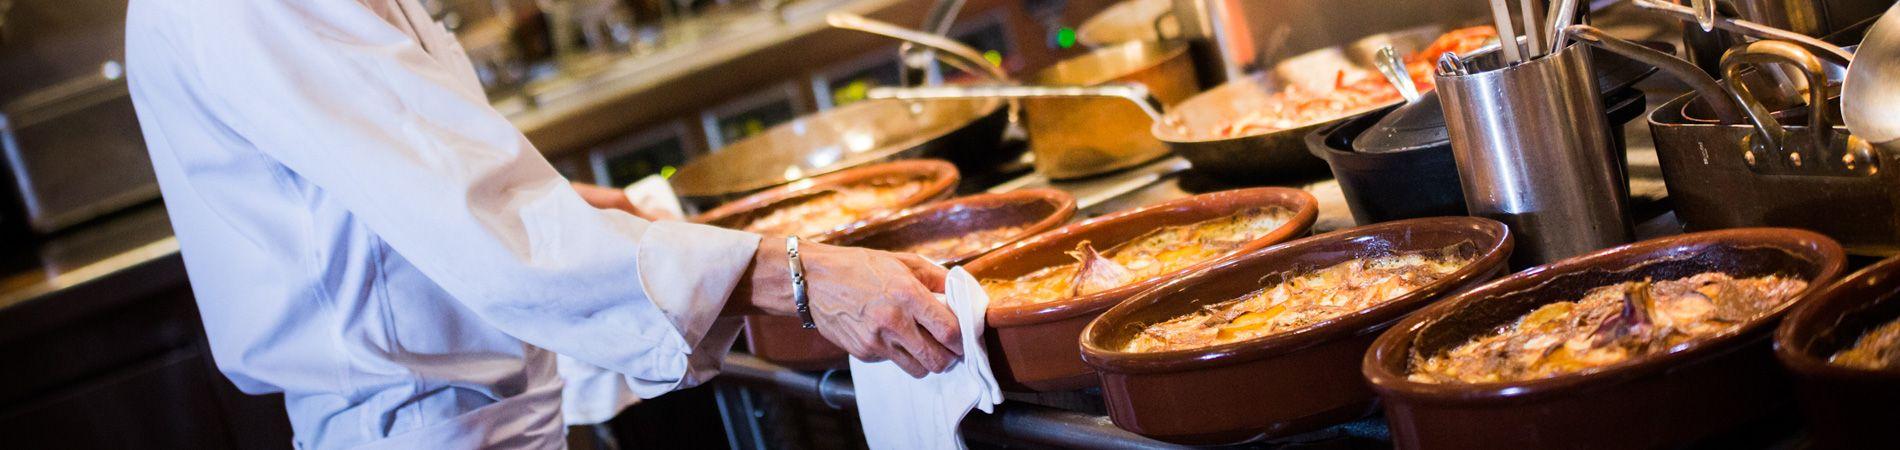 Préparation à la rôtisserie du grand buffet narbonne